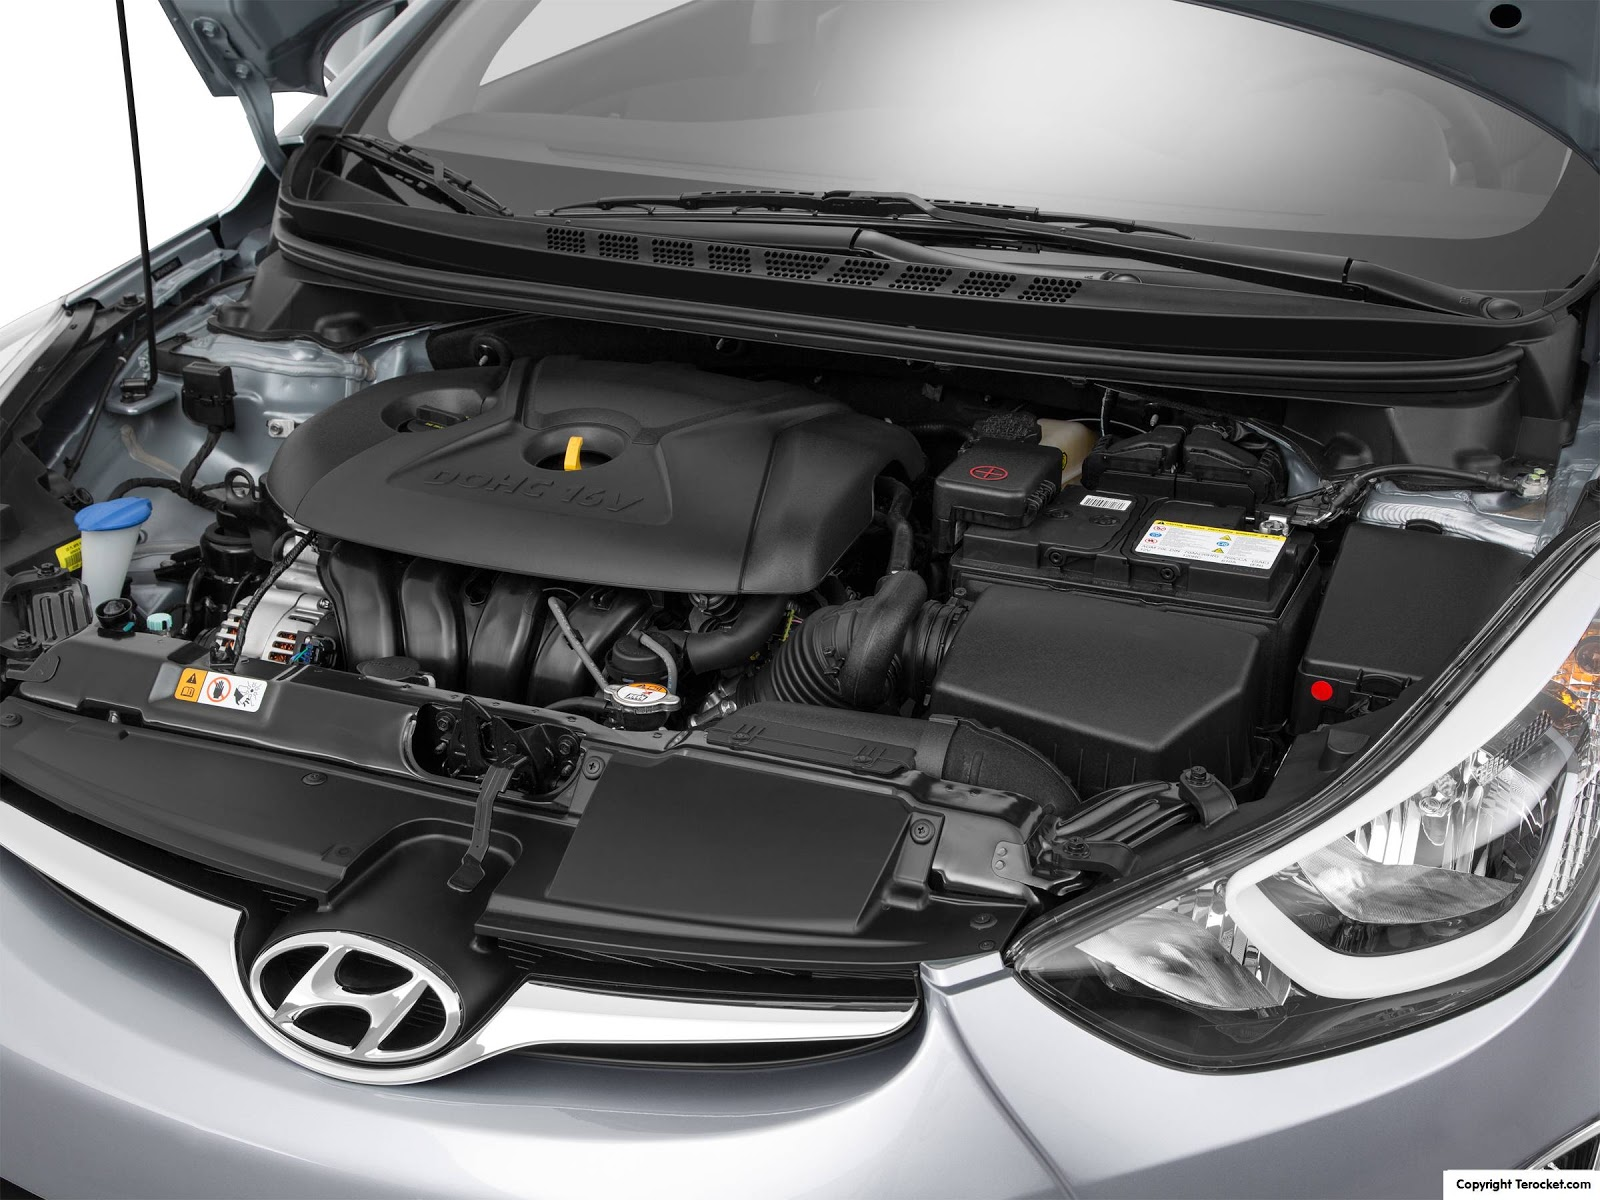 Động cơ của Hyundai Elantra 2016 phải nói là vừa phải, phù hợp